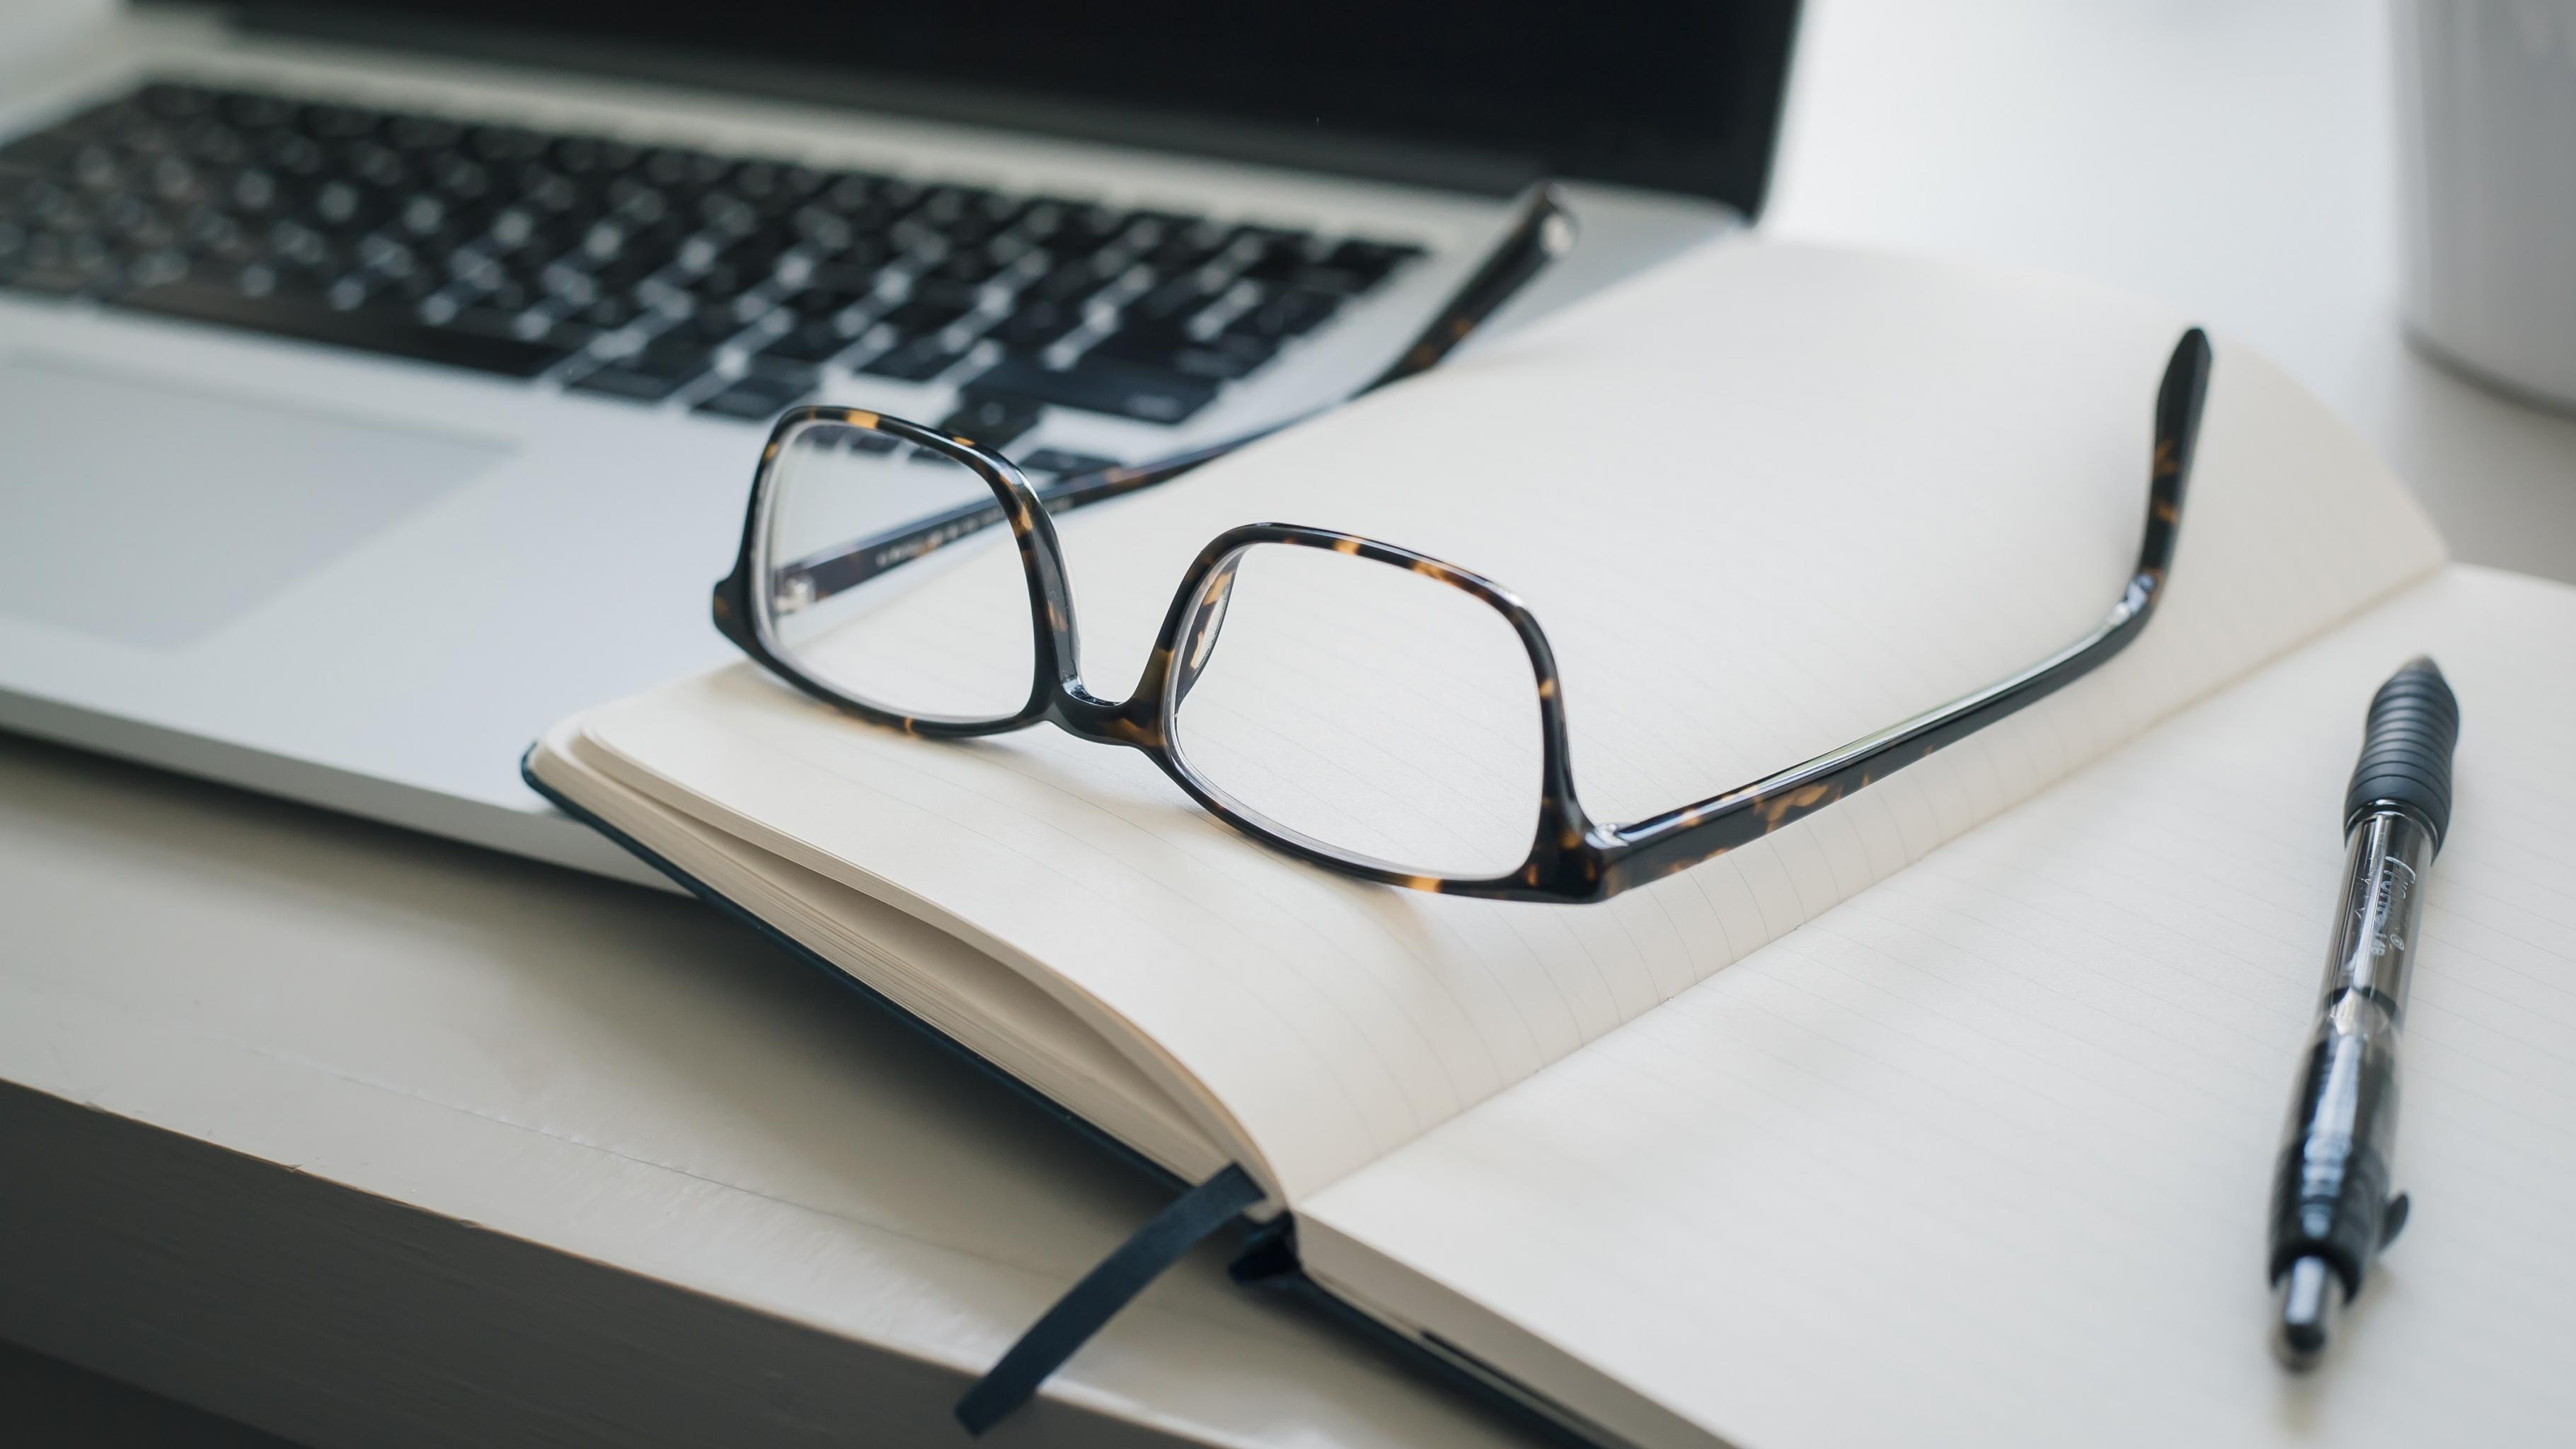 Arbeitsplatz mit Computer und Notizbuch